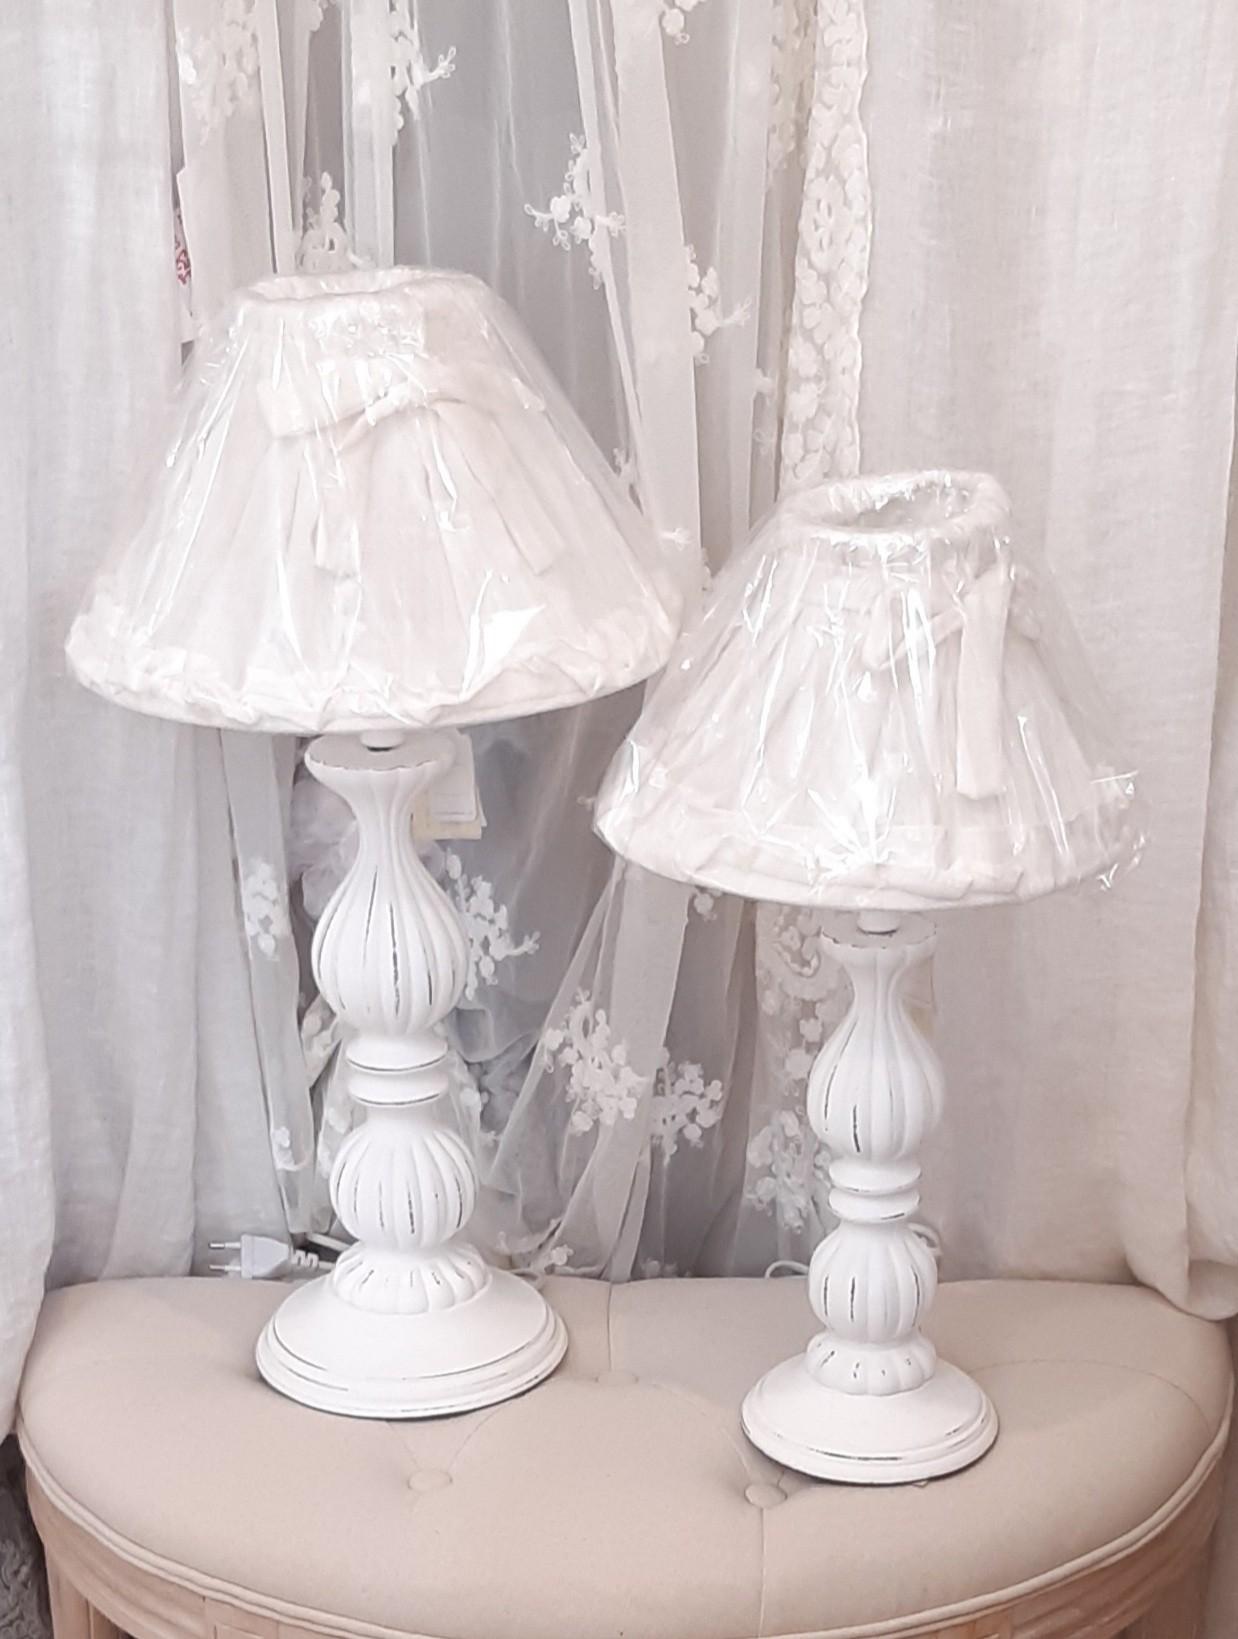 Lampada Da Tavolo H58 Cm Lampade Illuminazione